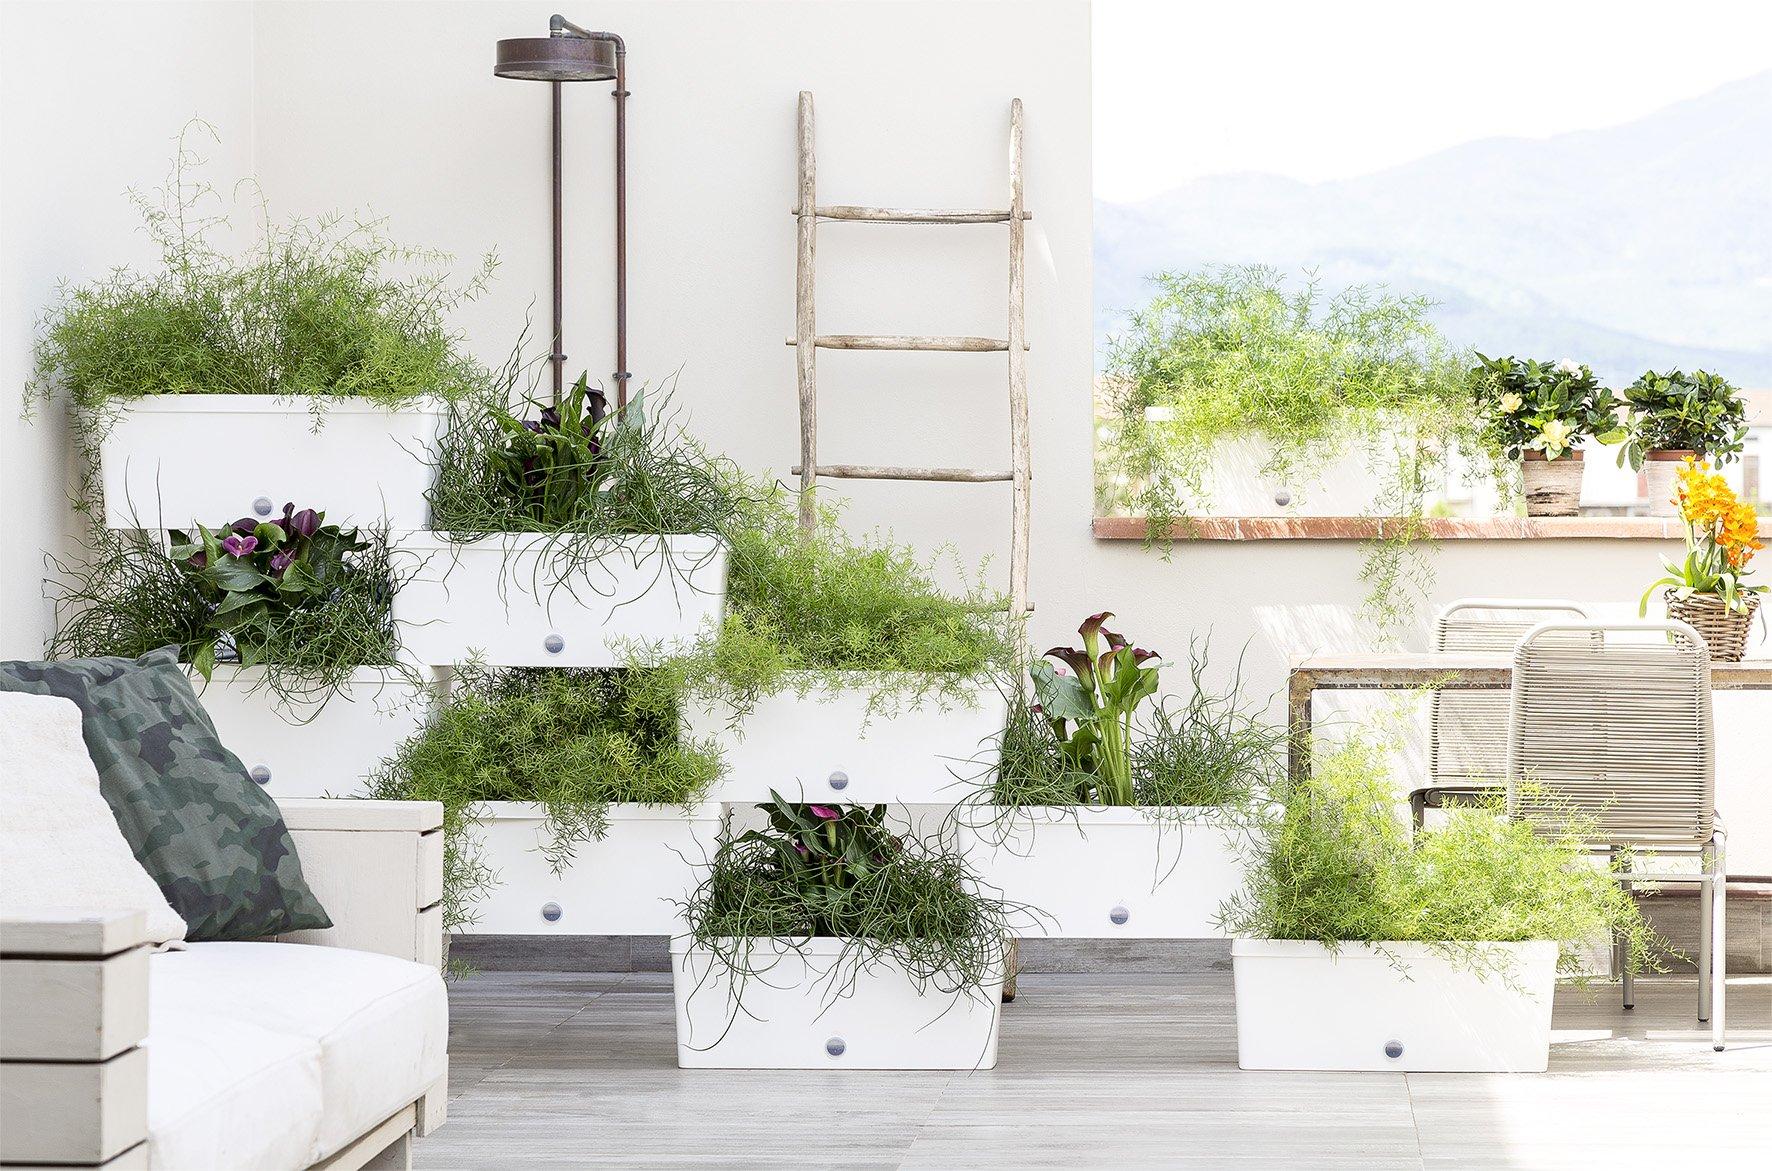 Vasi per esterni ikea fioriere in legno ikea affordable fioriere in legno ikea with with vasi - Ikea vasi da giardino ...